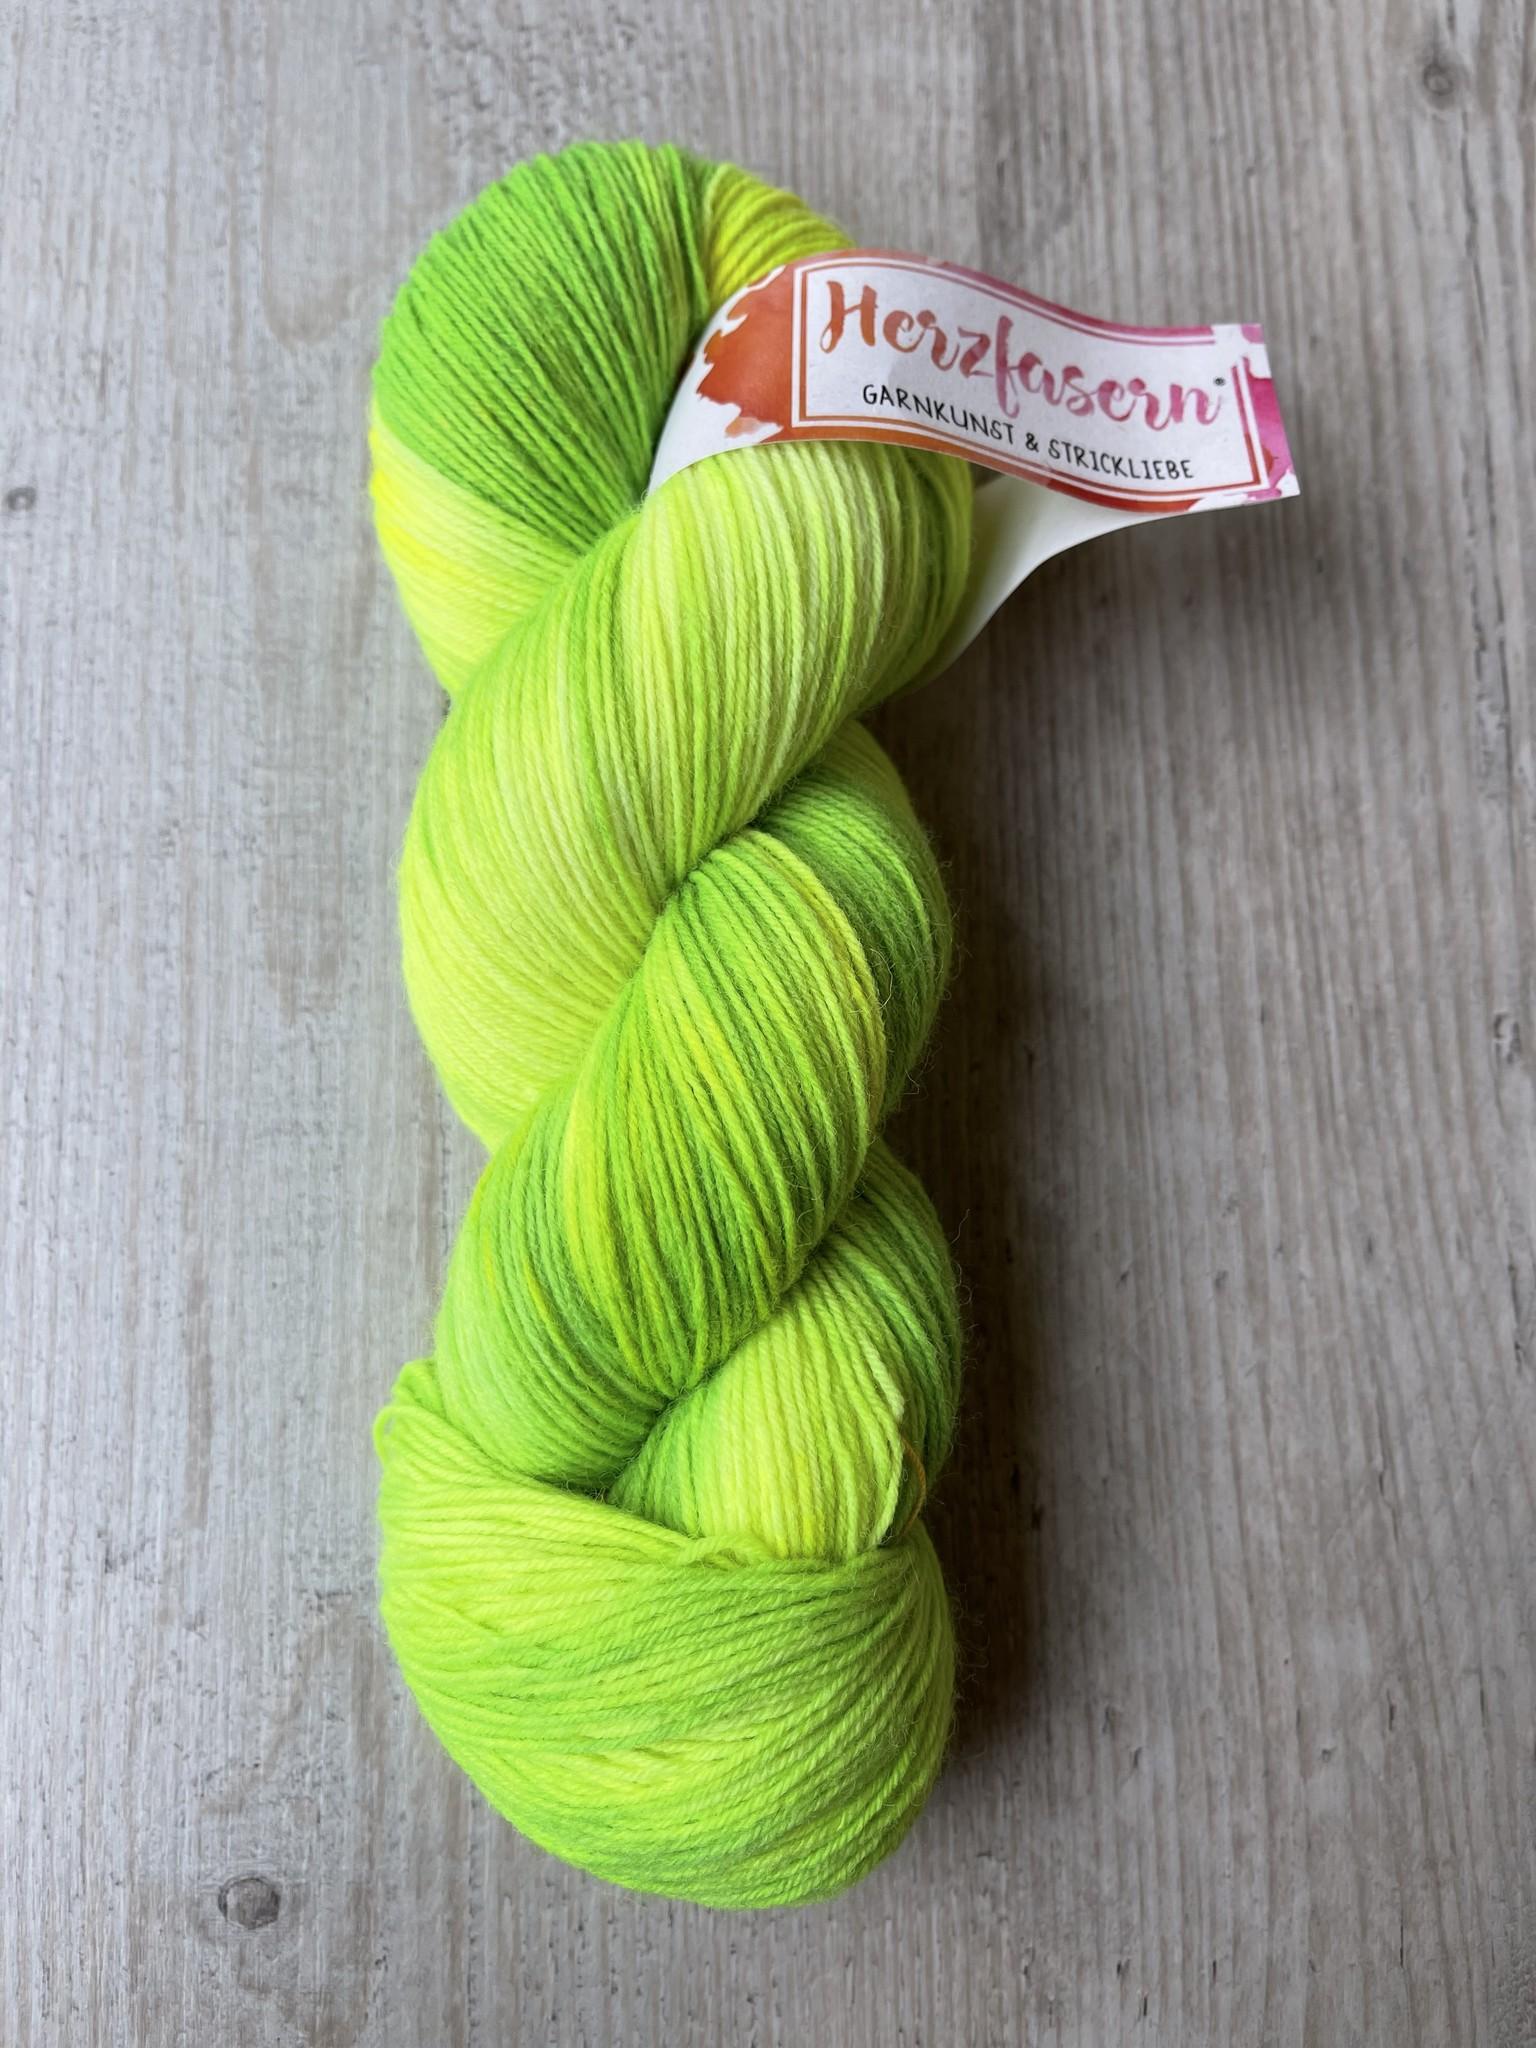 Herzfasern Herzfaser No 22 - Sockenwolle 4-fach  mit recyceltem Polyamid-muselingfrei  Karibisches Grün